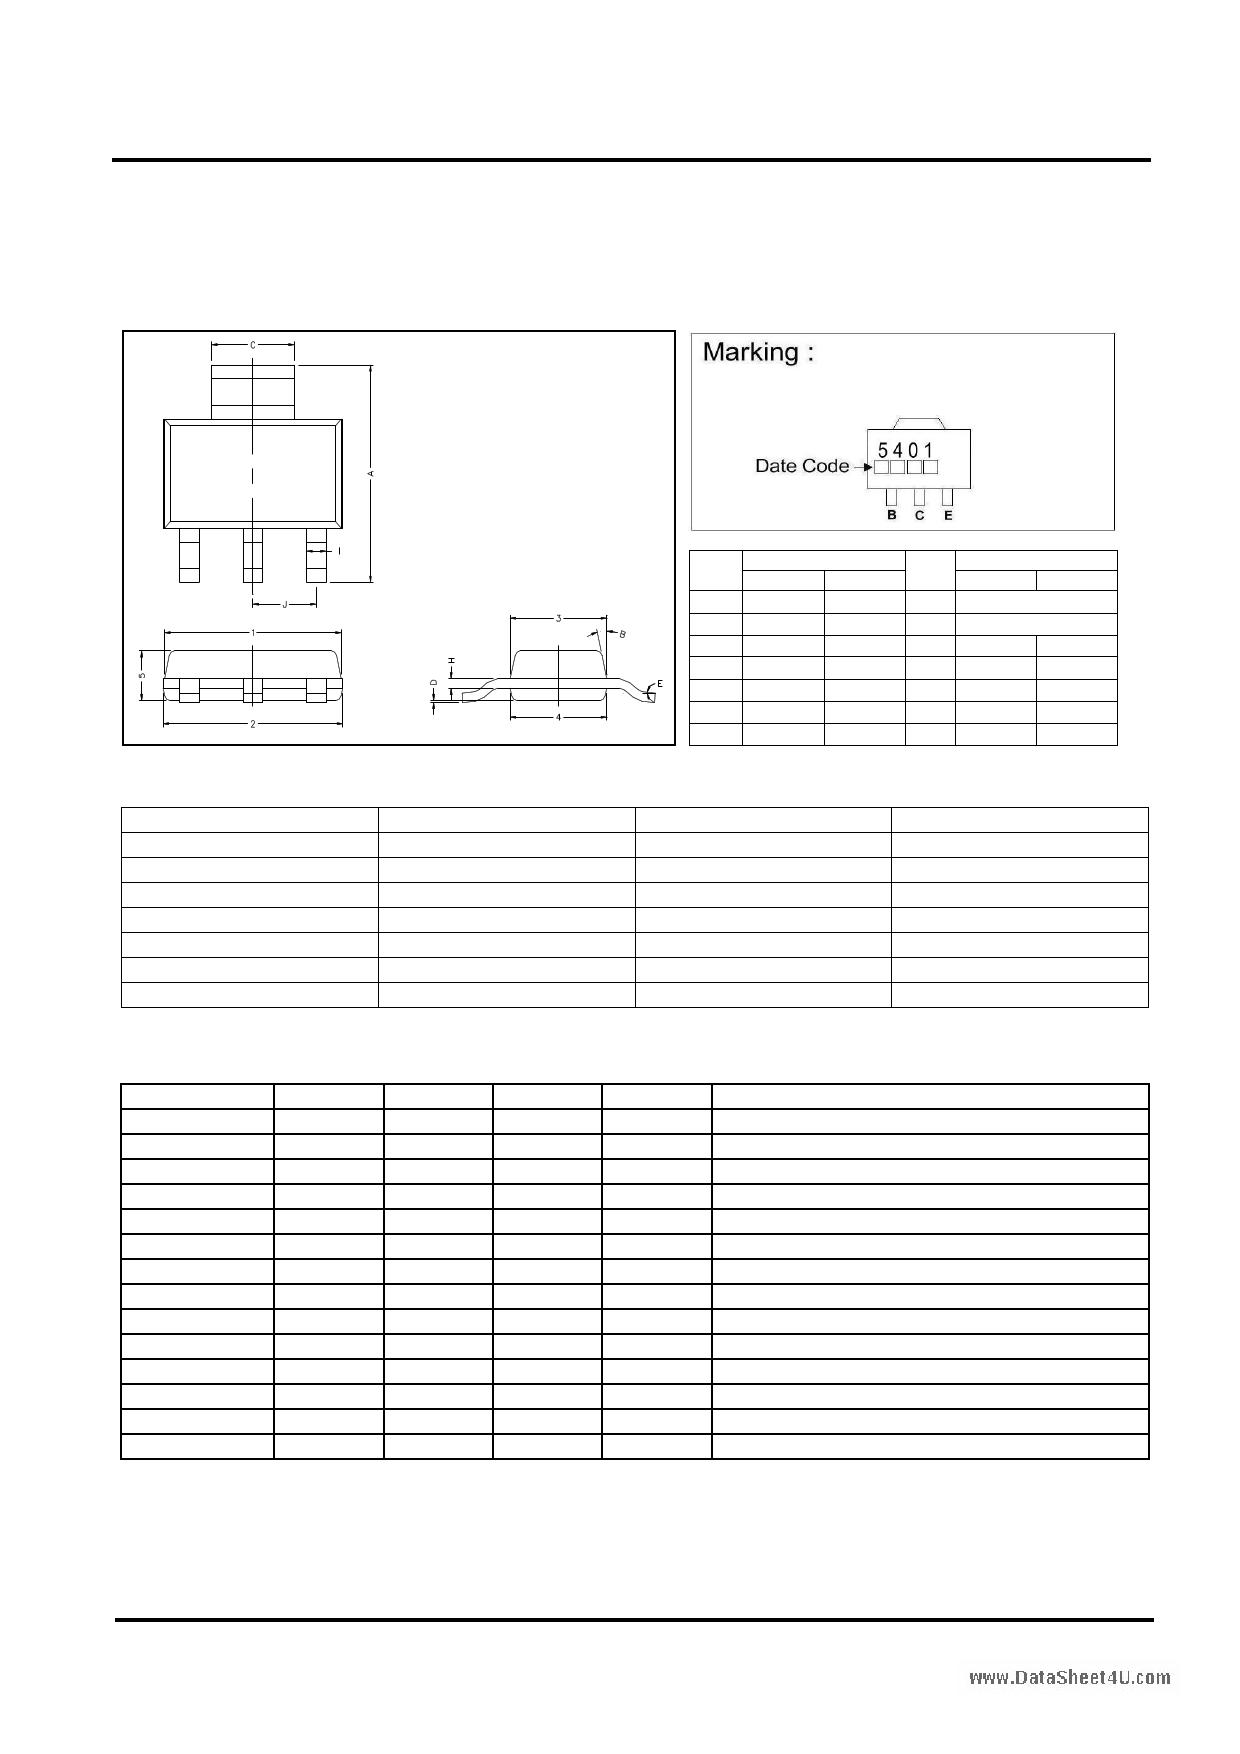 GM5401 datasheet